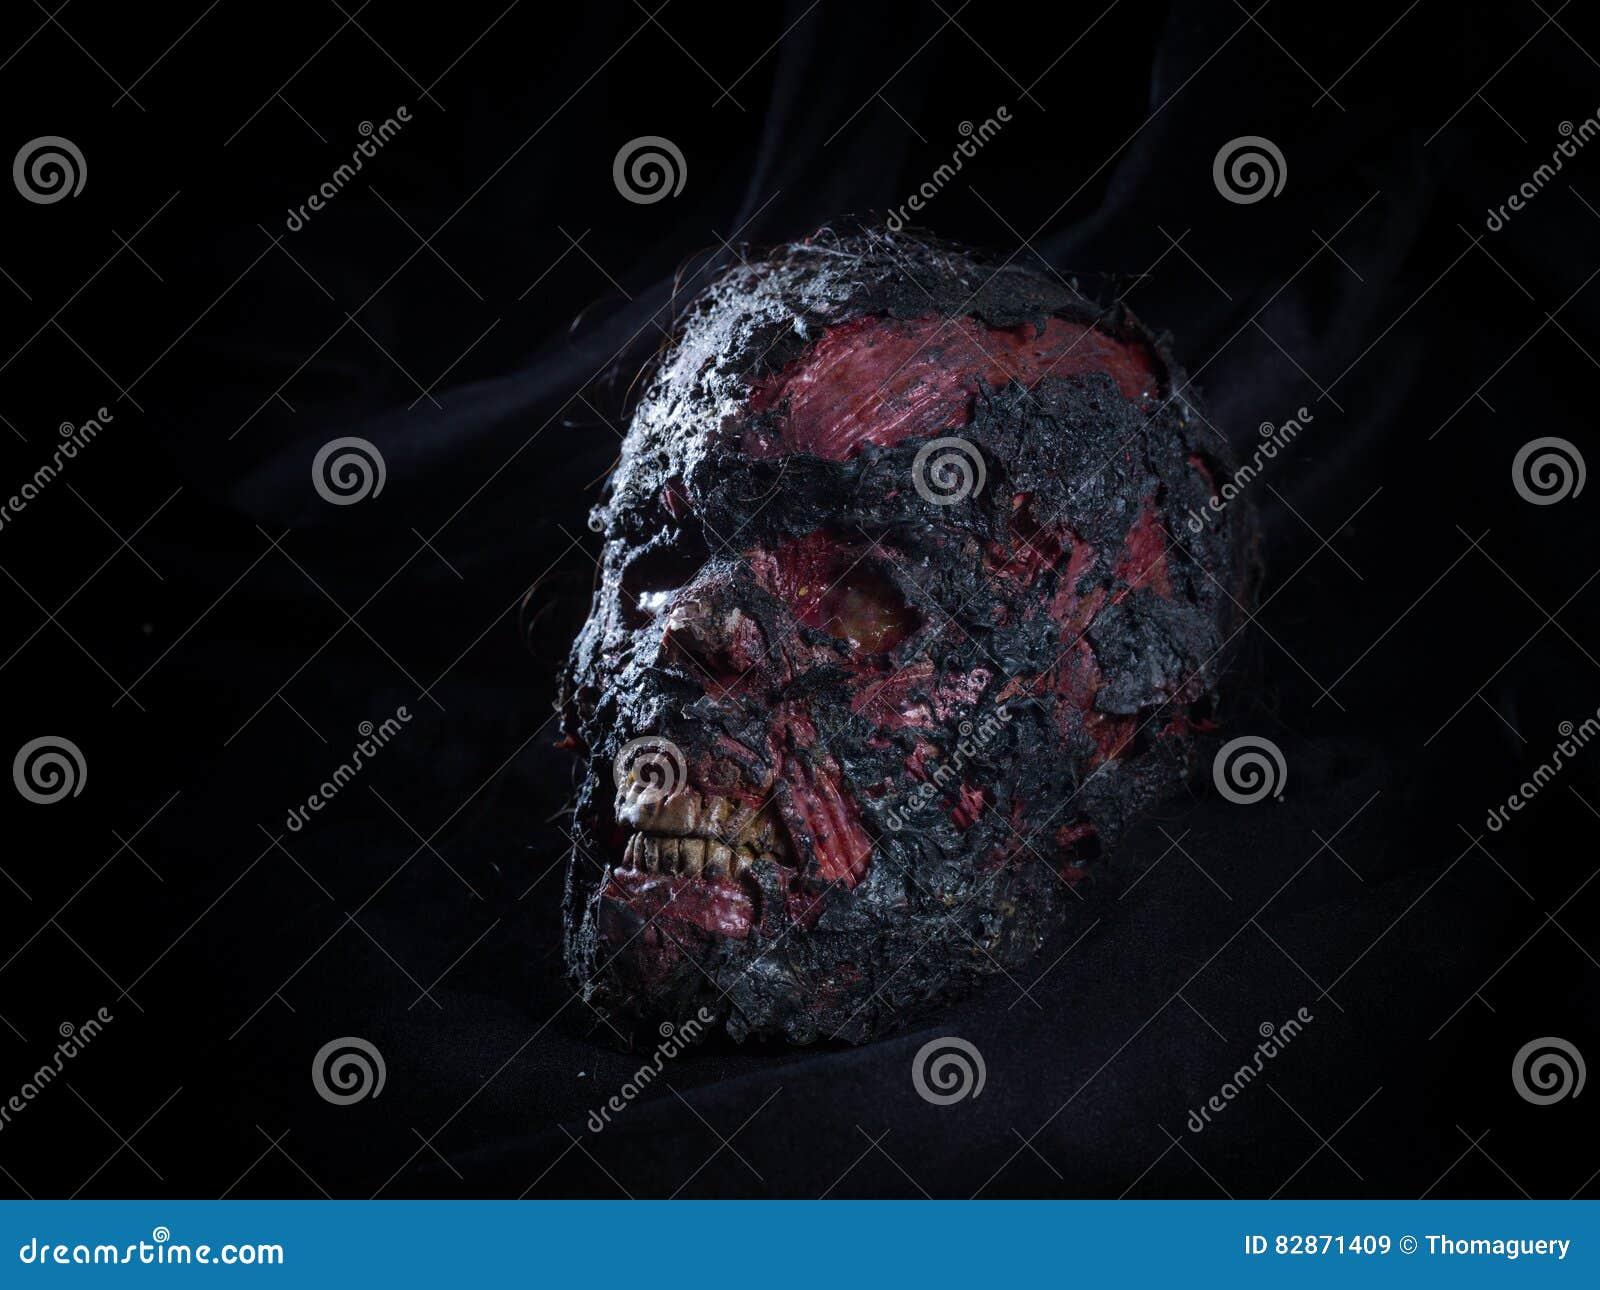 Burned skull